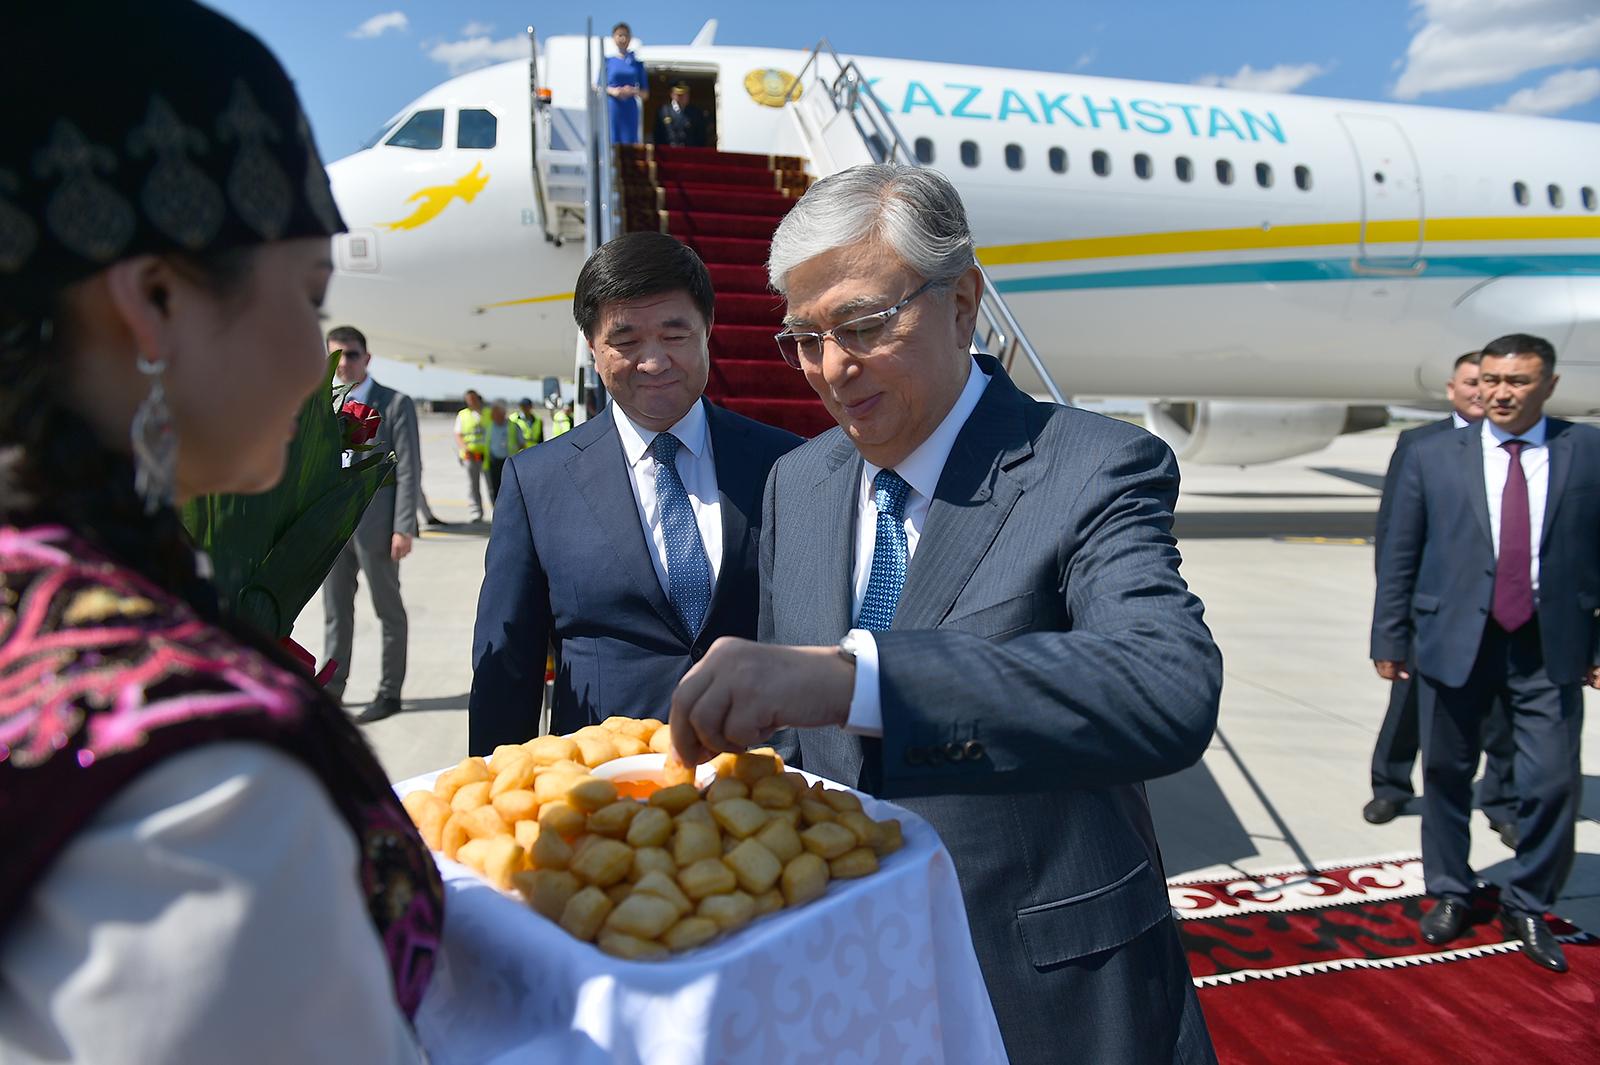 Бүгүн Касым-Жомарт Токаев Кыргызстанга мамлекеттик сапар менен келет